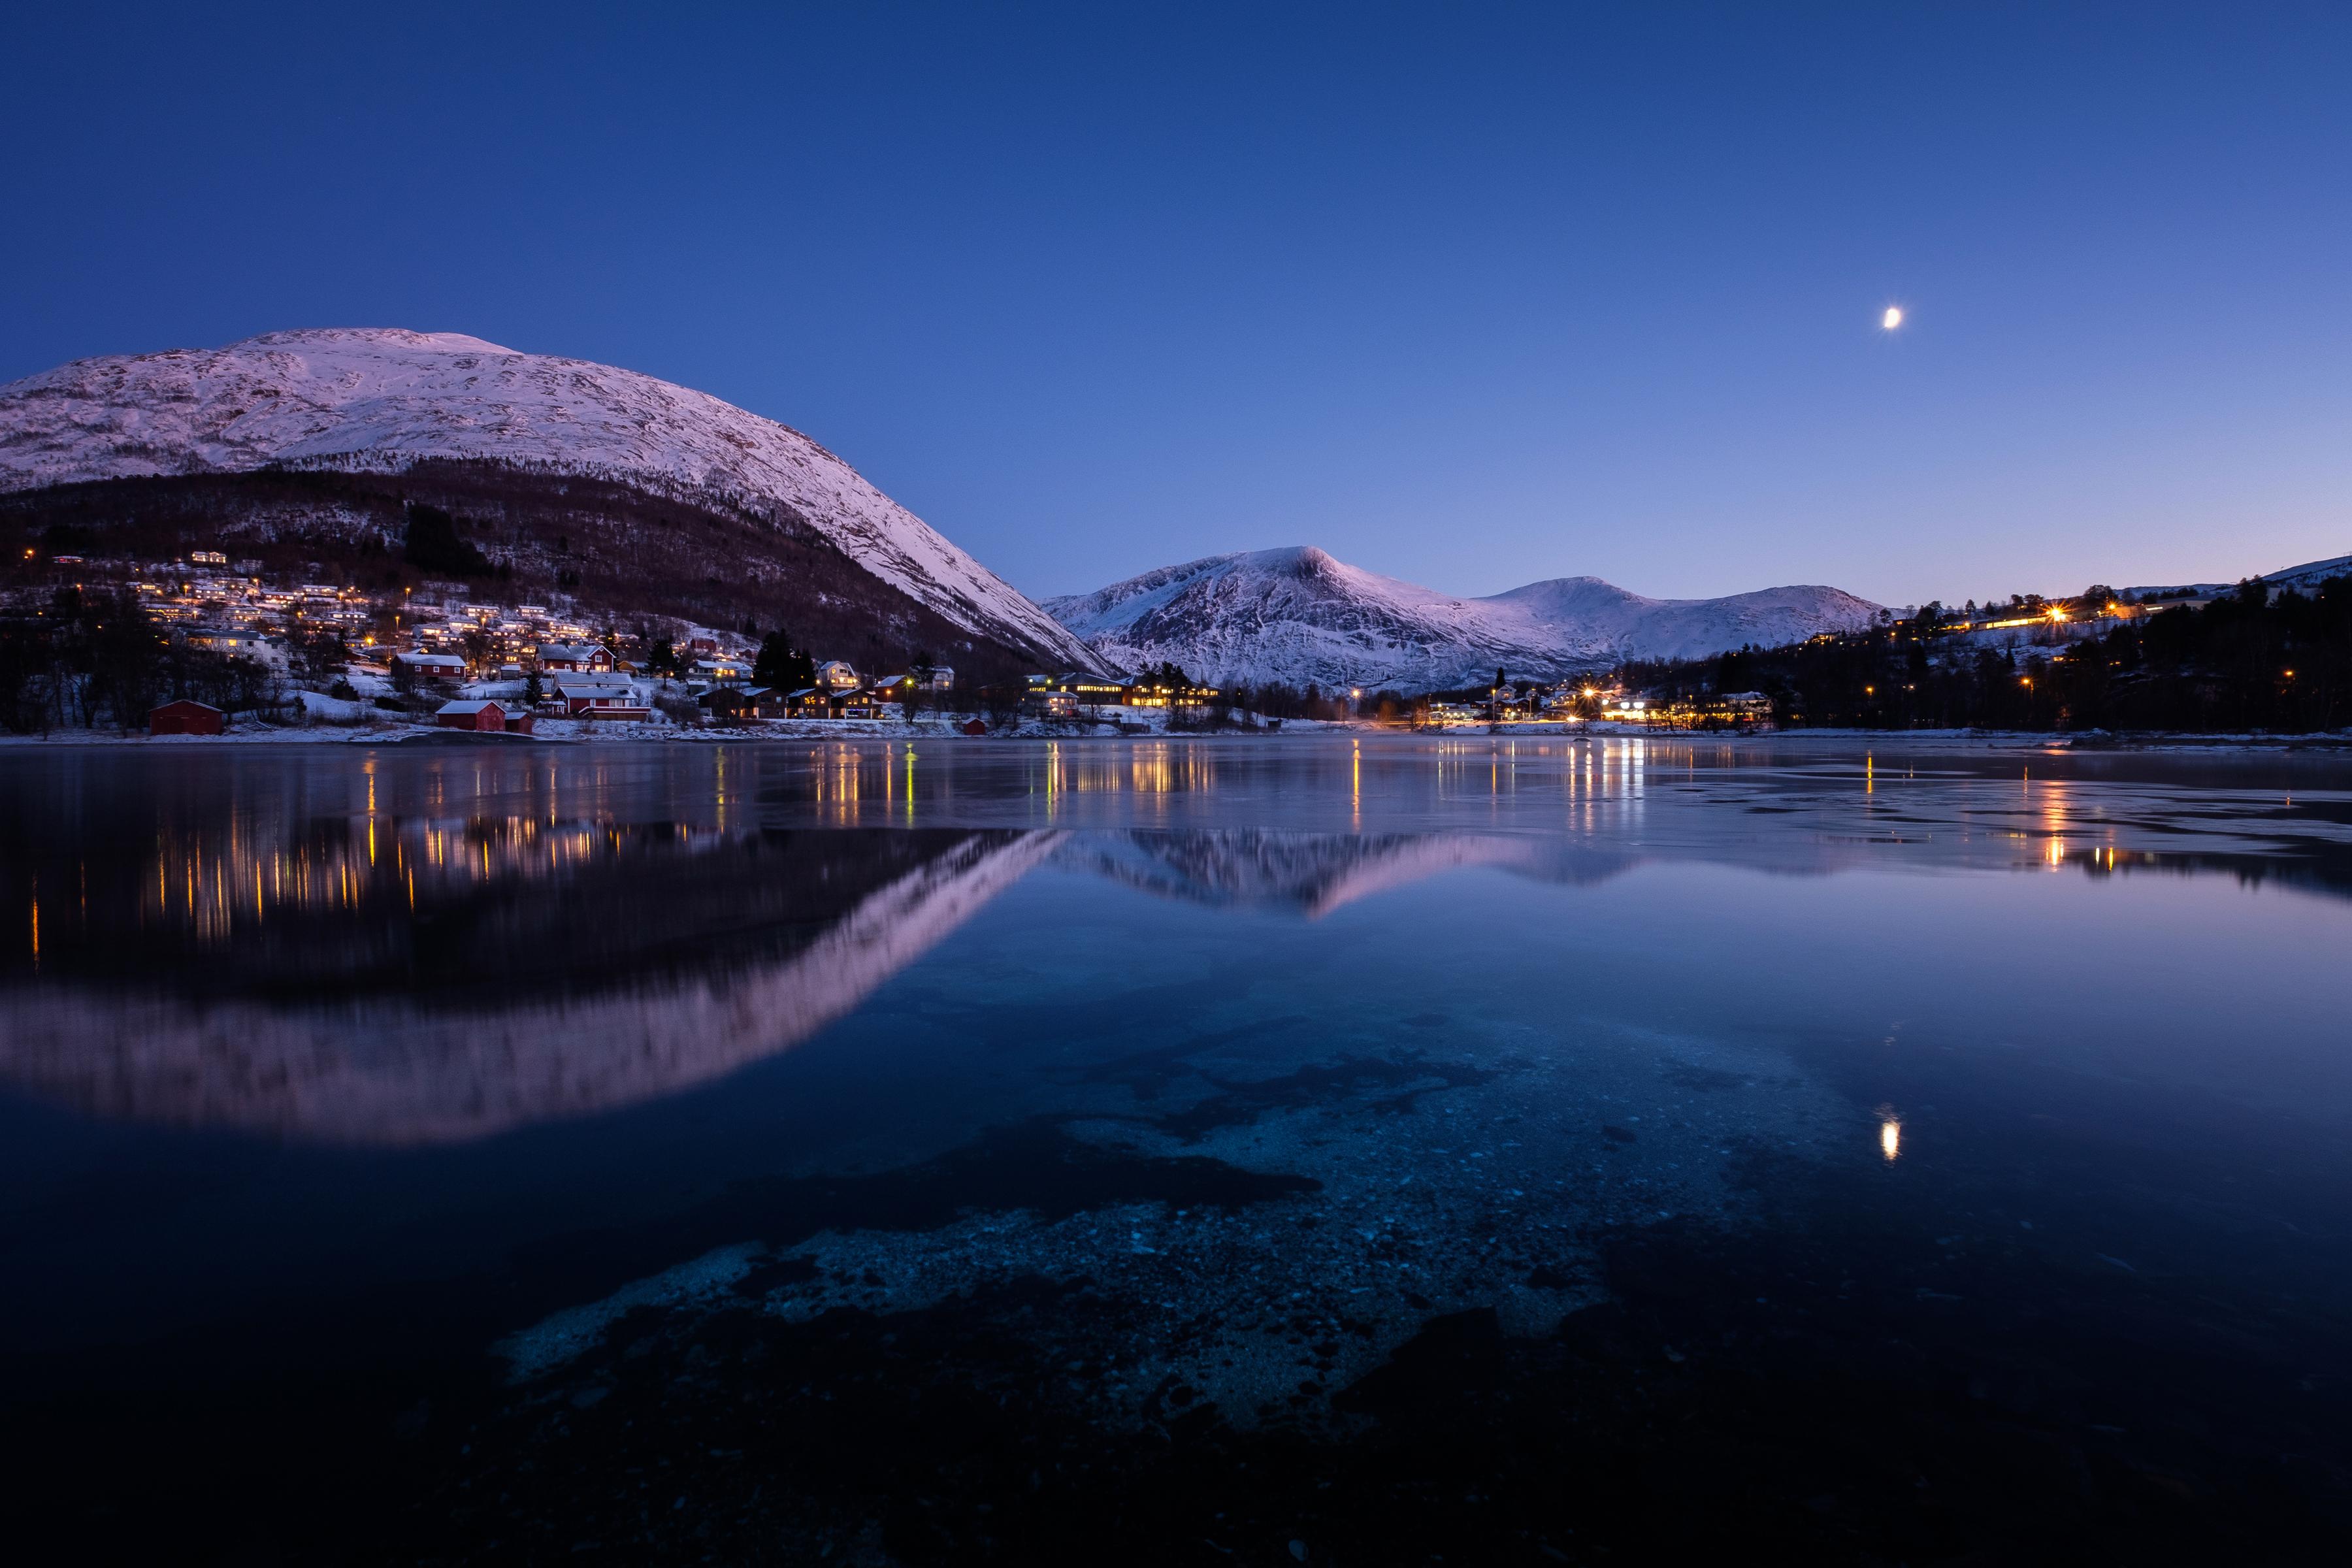 1440x900 norway mountains evening lake cities night - Night mountain wallpaper 4k ...